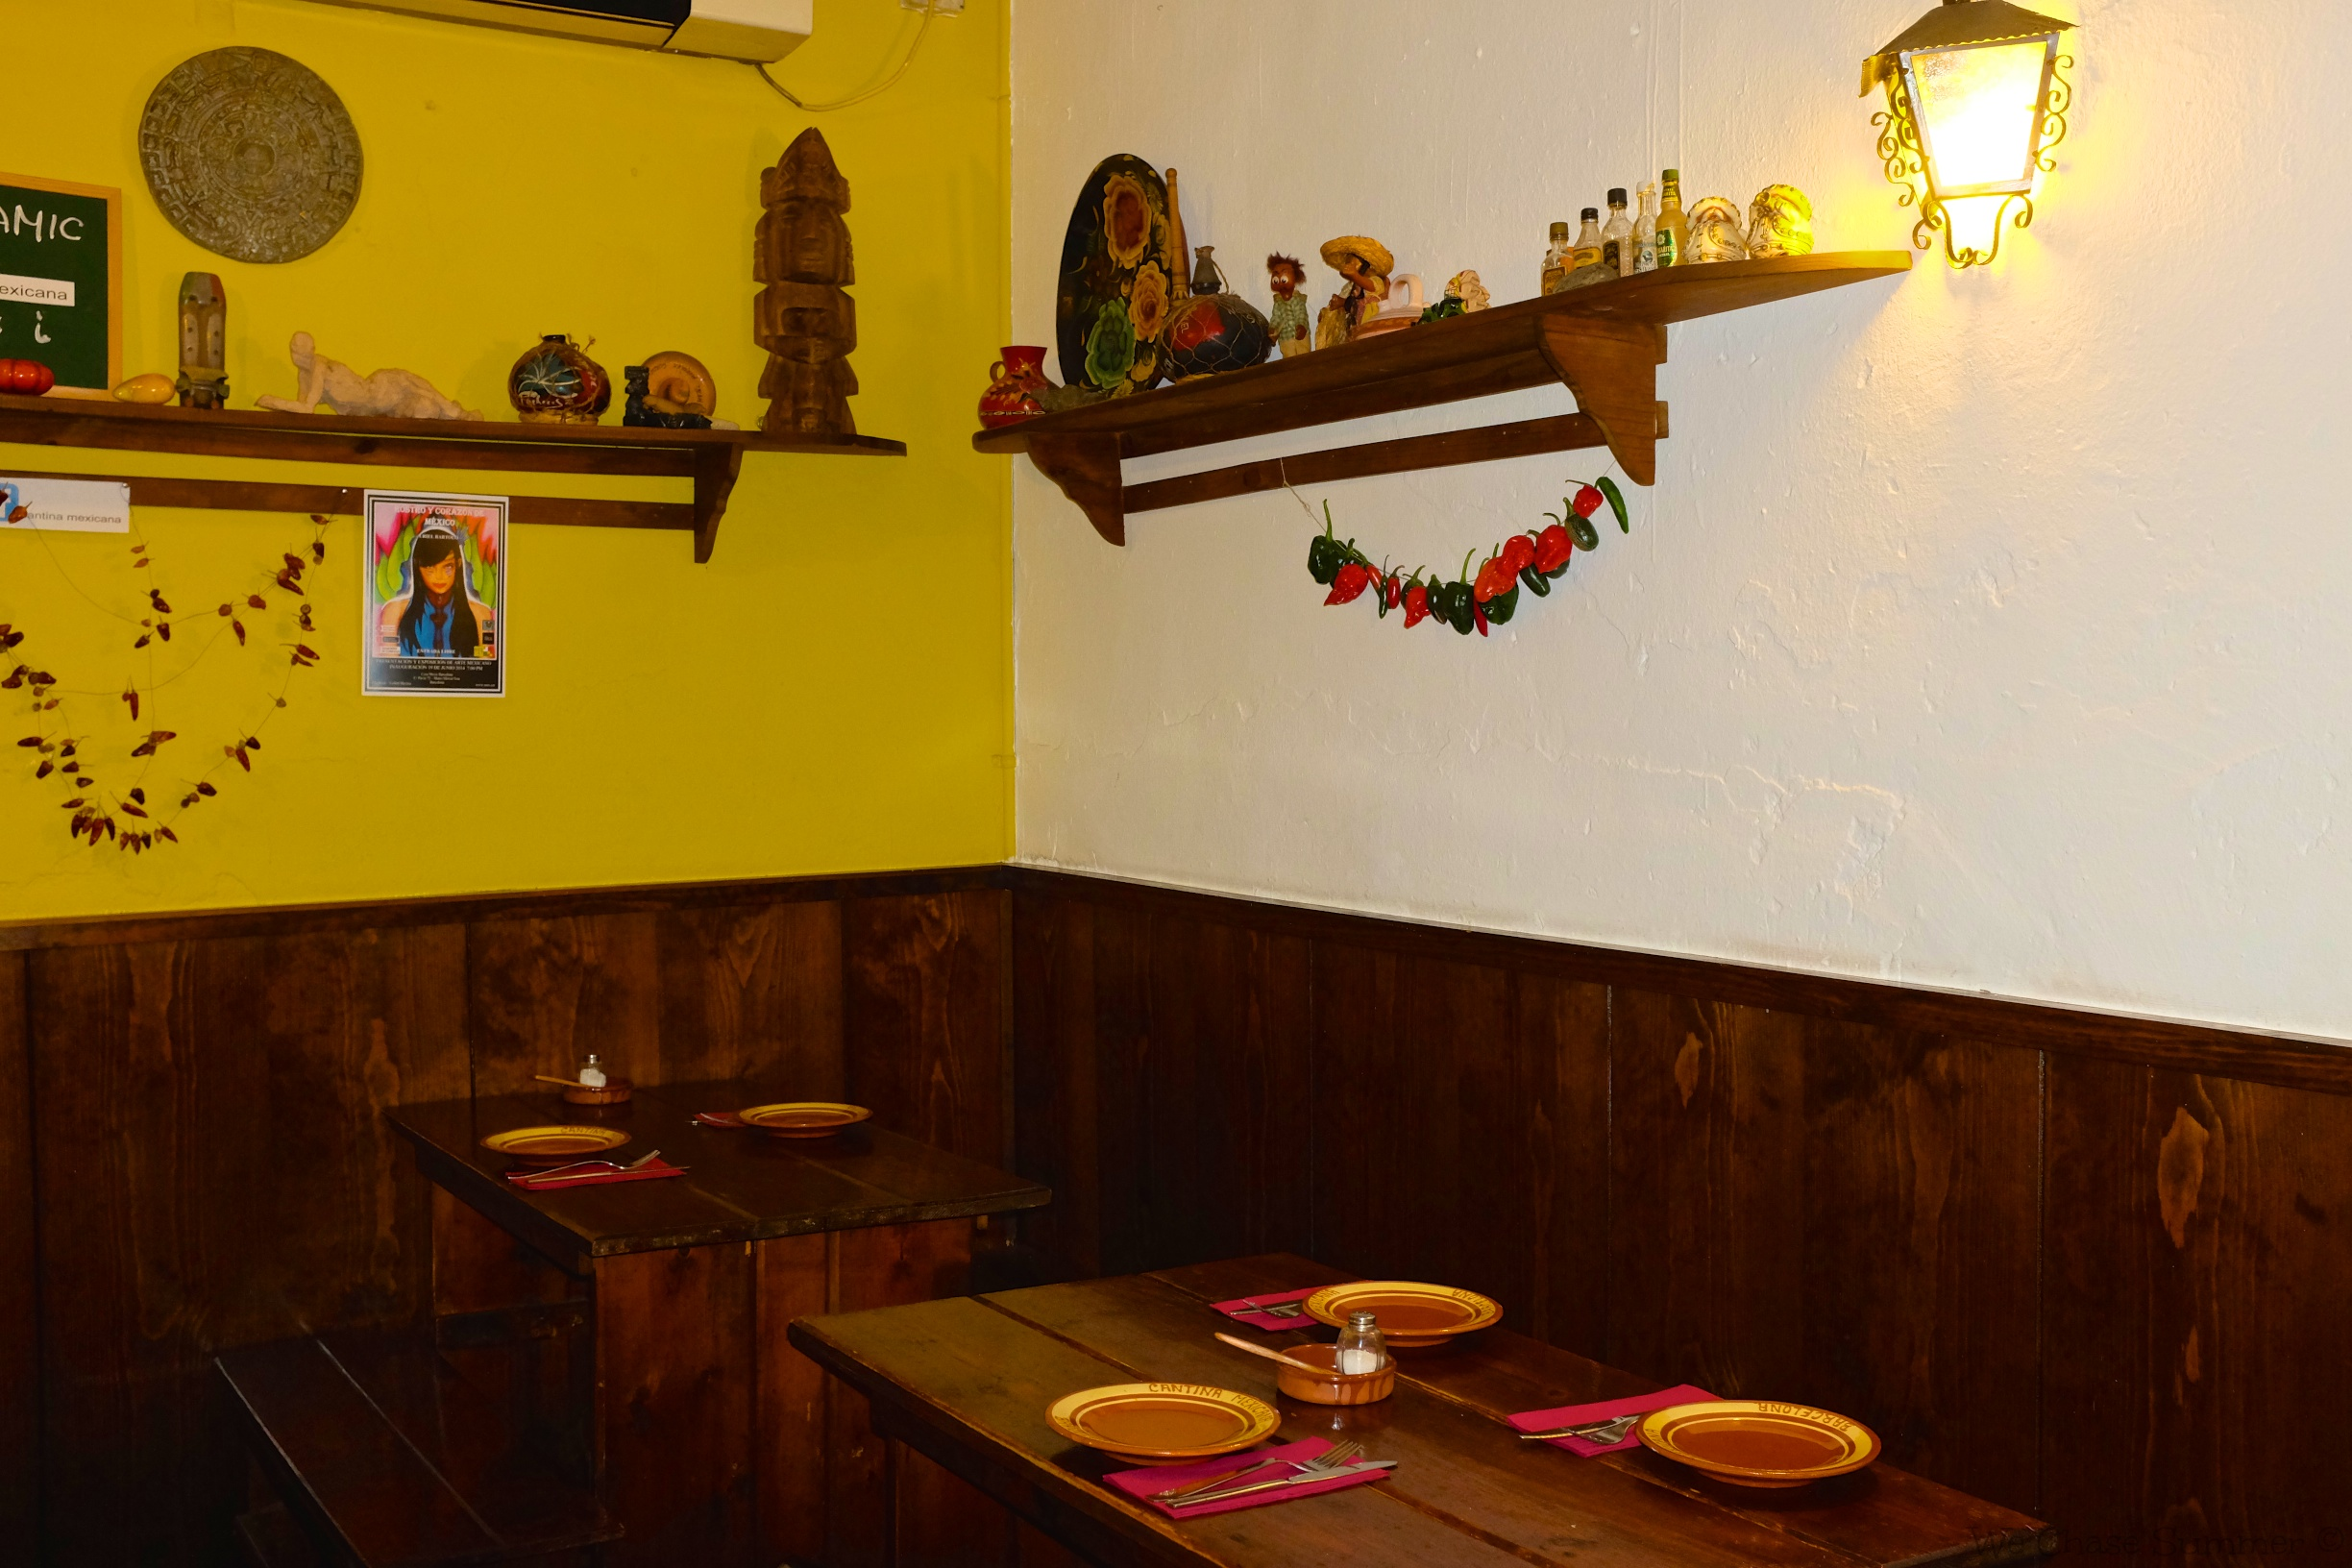 Cantina Mexicana